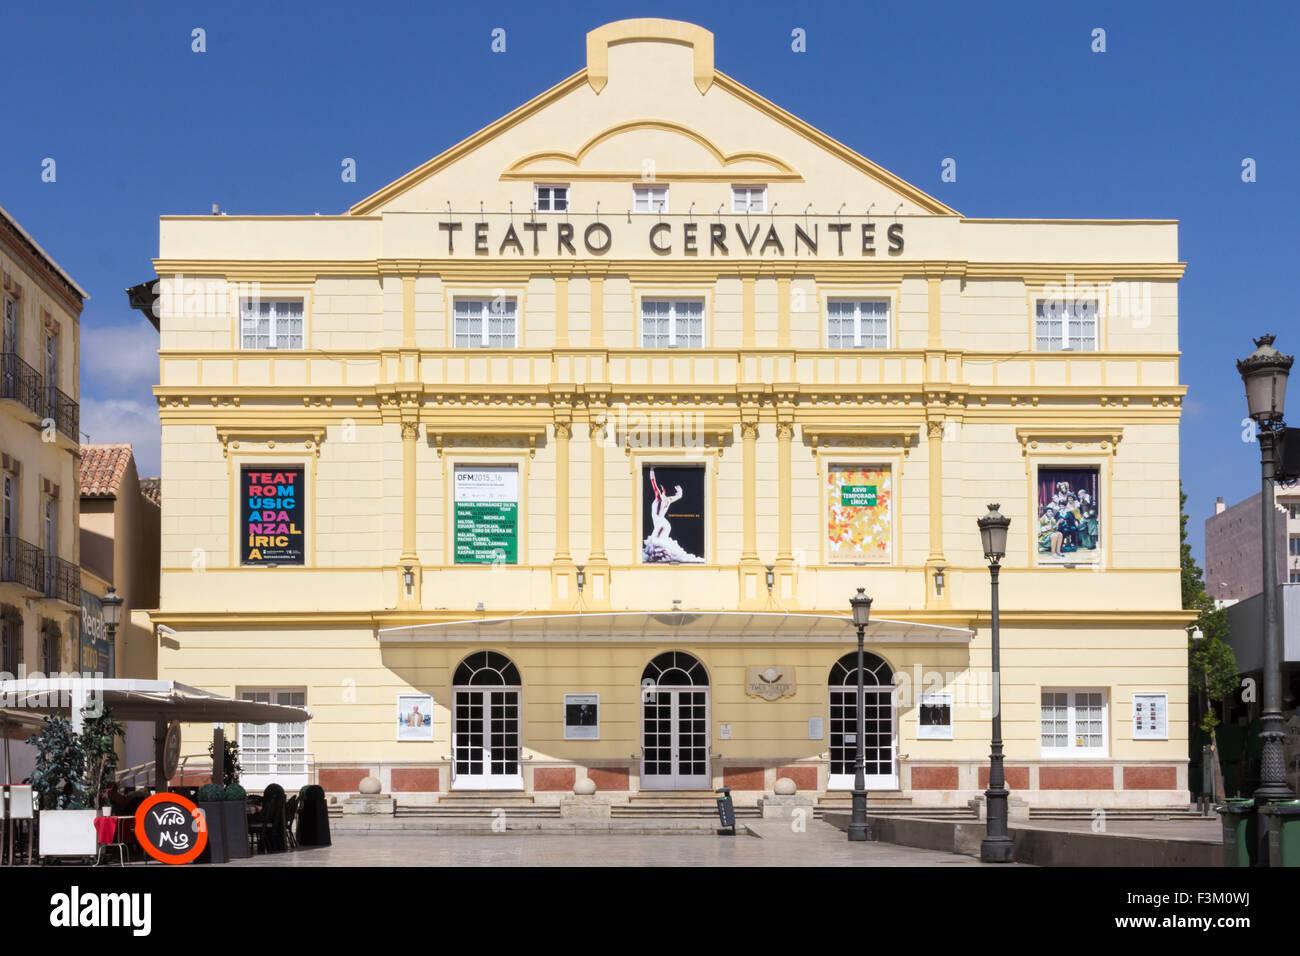 teatro-cervantes-malaga-andalucia-spain-